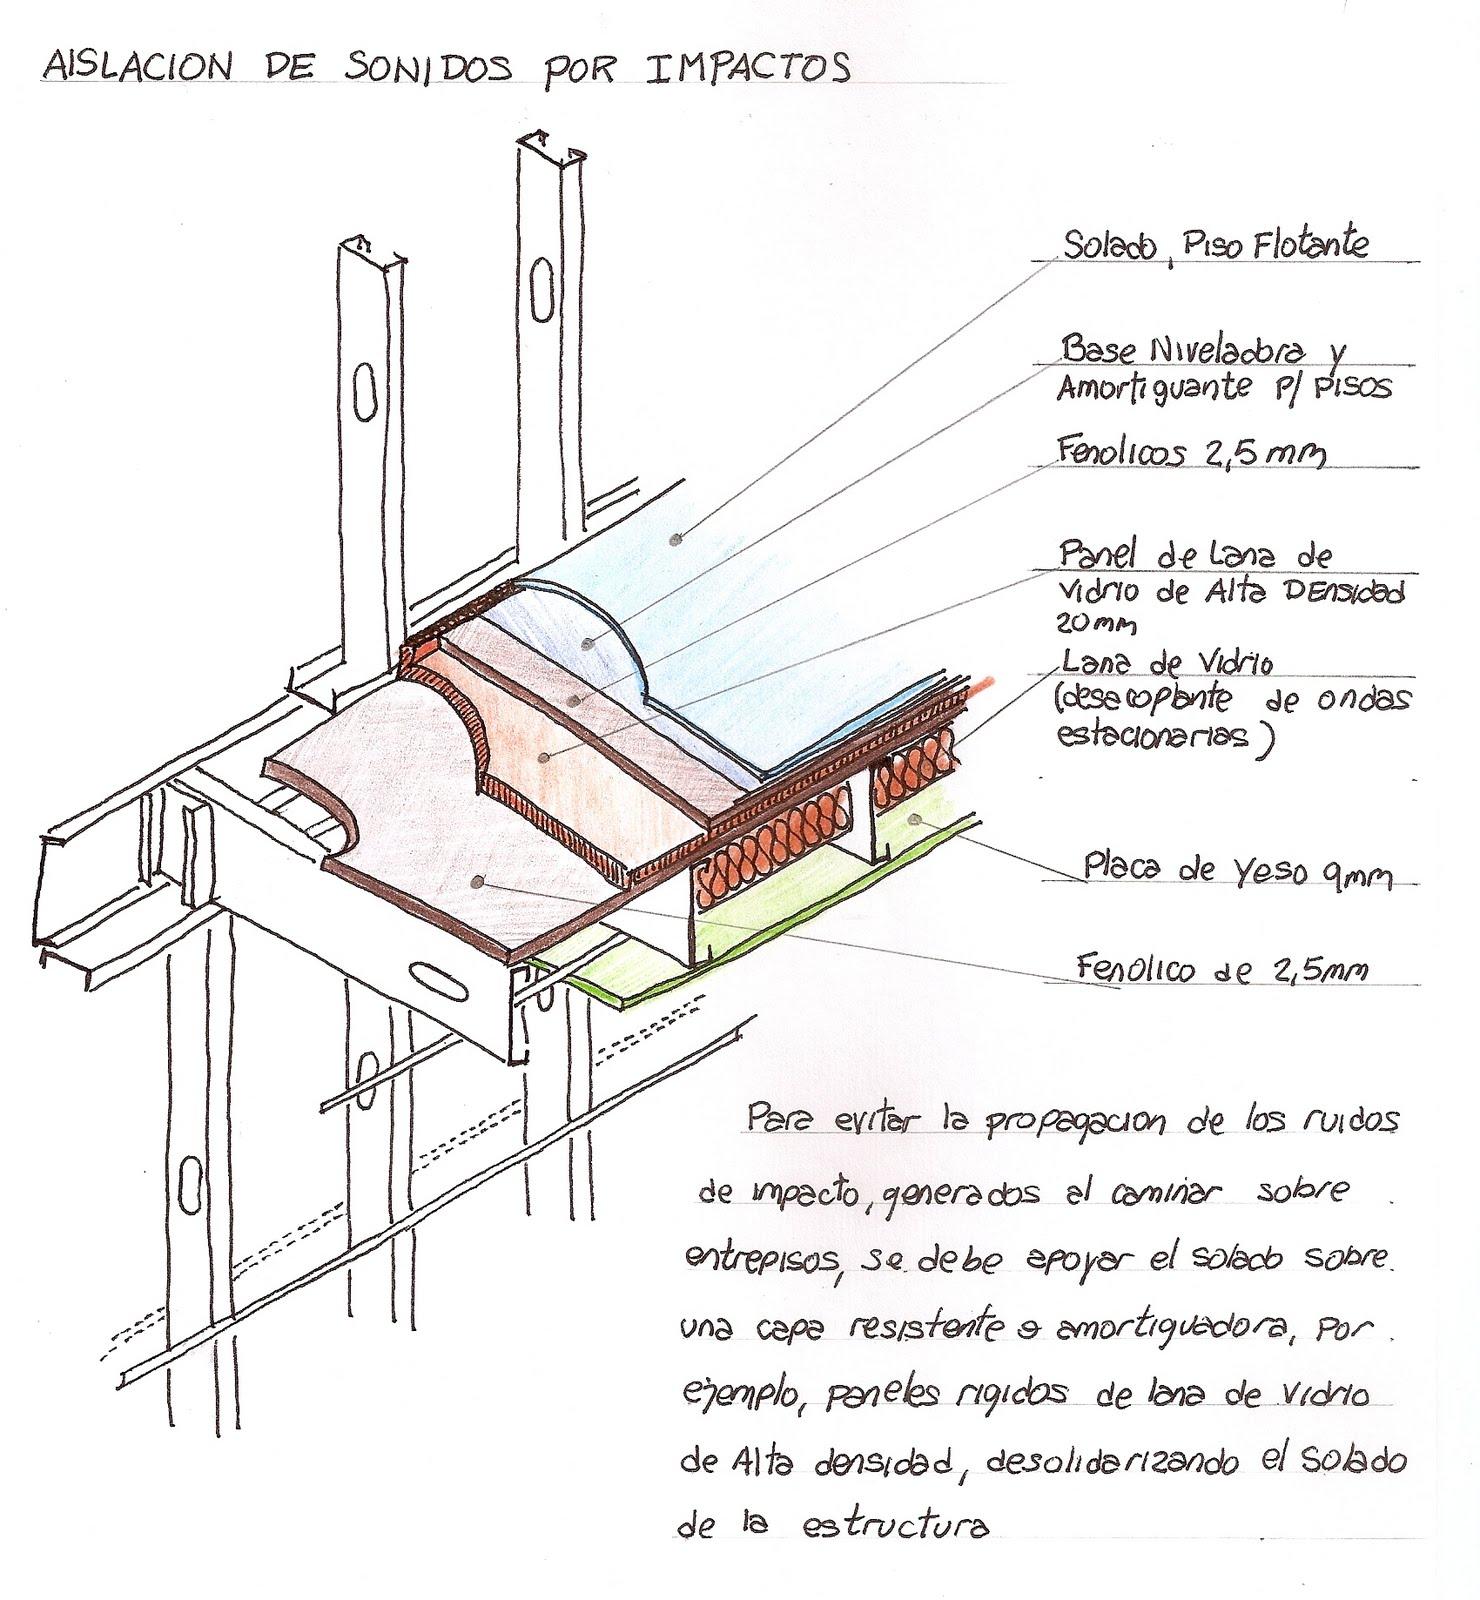 Construcciones pisos entrepisos escaleras for Escalera de madera para entrepiso